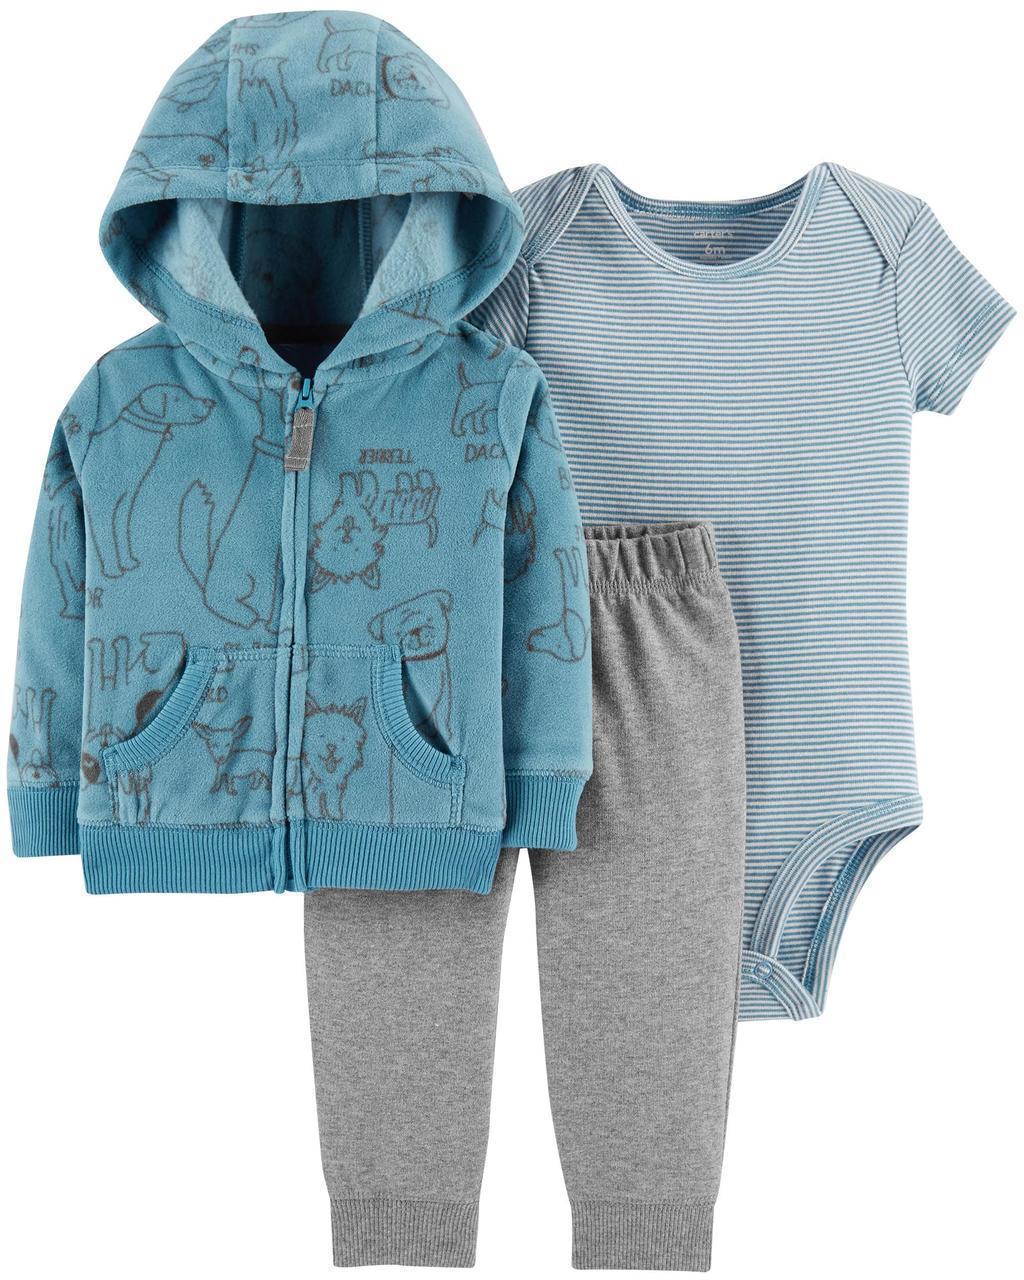 Куртка флисовая + Штаны + Боди Carters на новорожденного мальчика 46-55 см. Костюм тройка